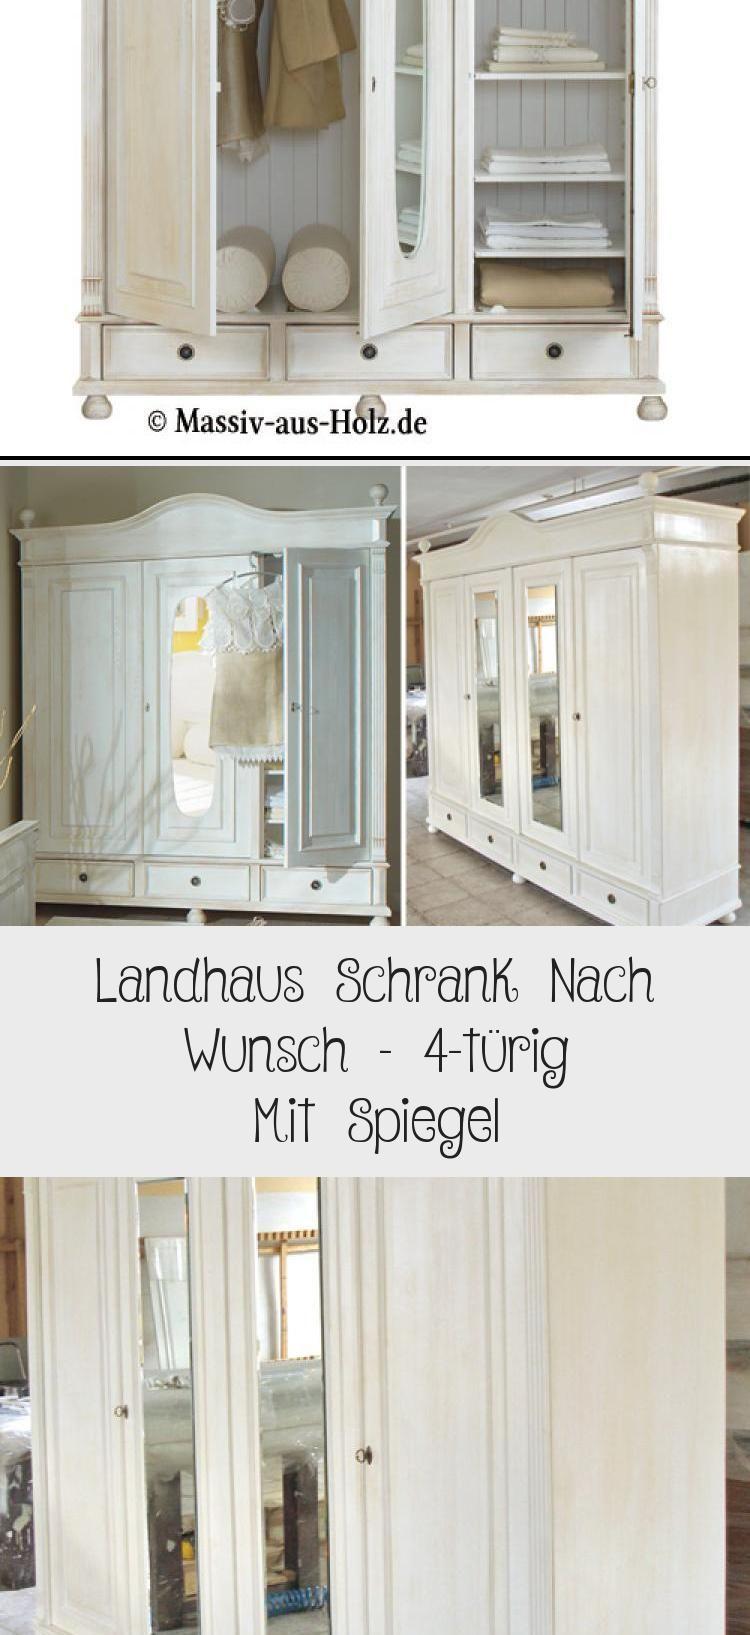 Landhaus Schrank Nach Wunsch 4 Turig Mit Spiegel With Images